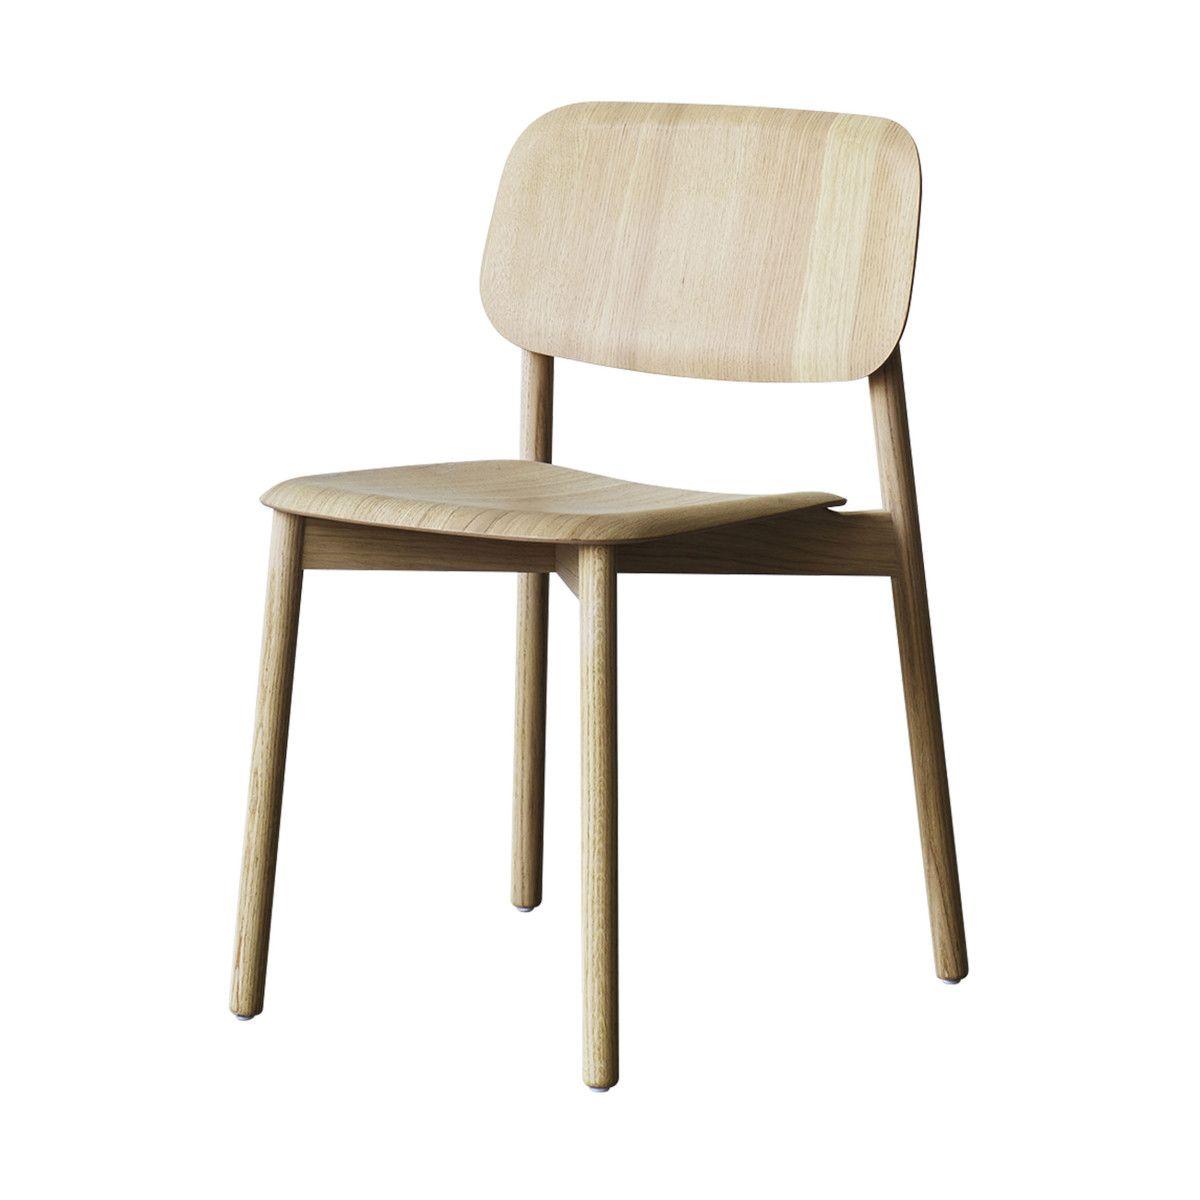 Soft Edge Stuhl in Eiche natur Jetzt bestellen unter: https